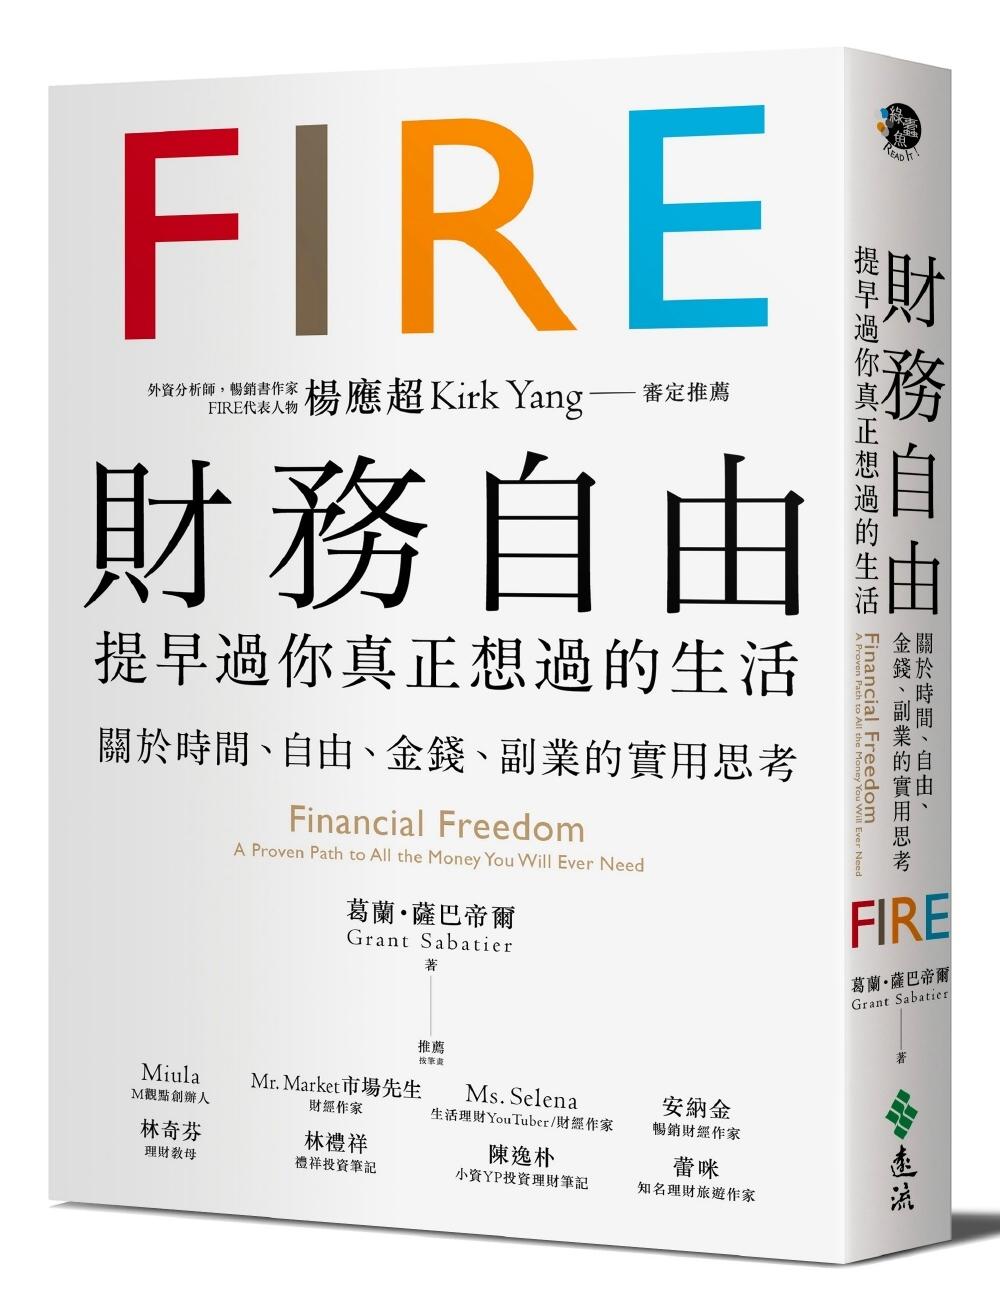 財務自由,提早過你真正想過的生活:楊應超Kirk Yang審定推薦,關於時間、自由、金錢、副業的實用思考